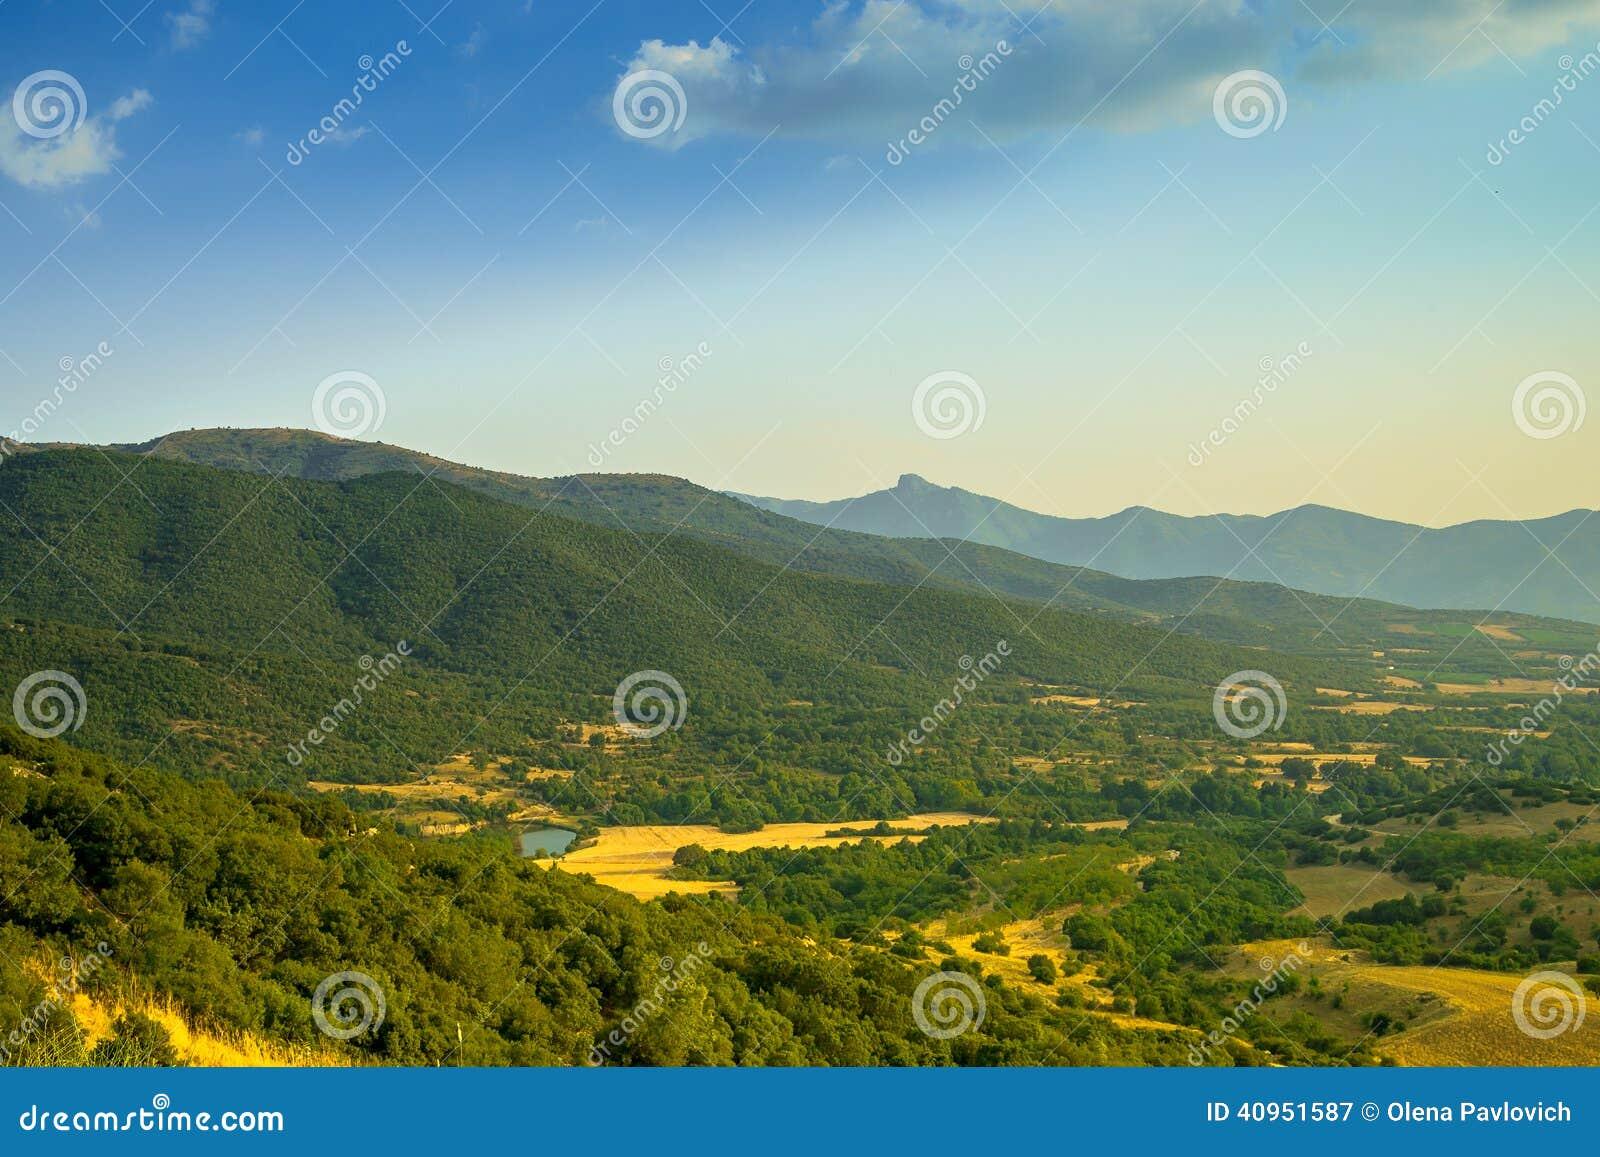 beautiful yellow field landscape - photo #21